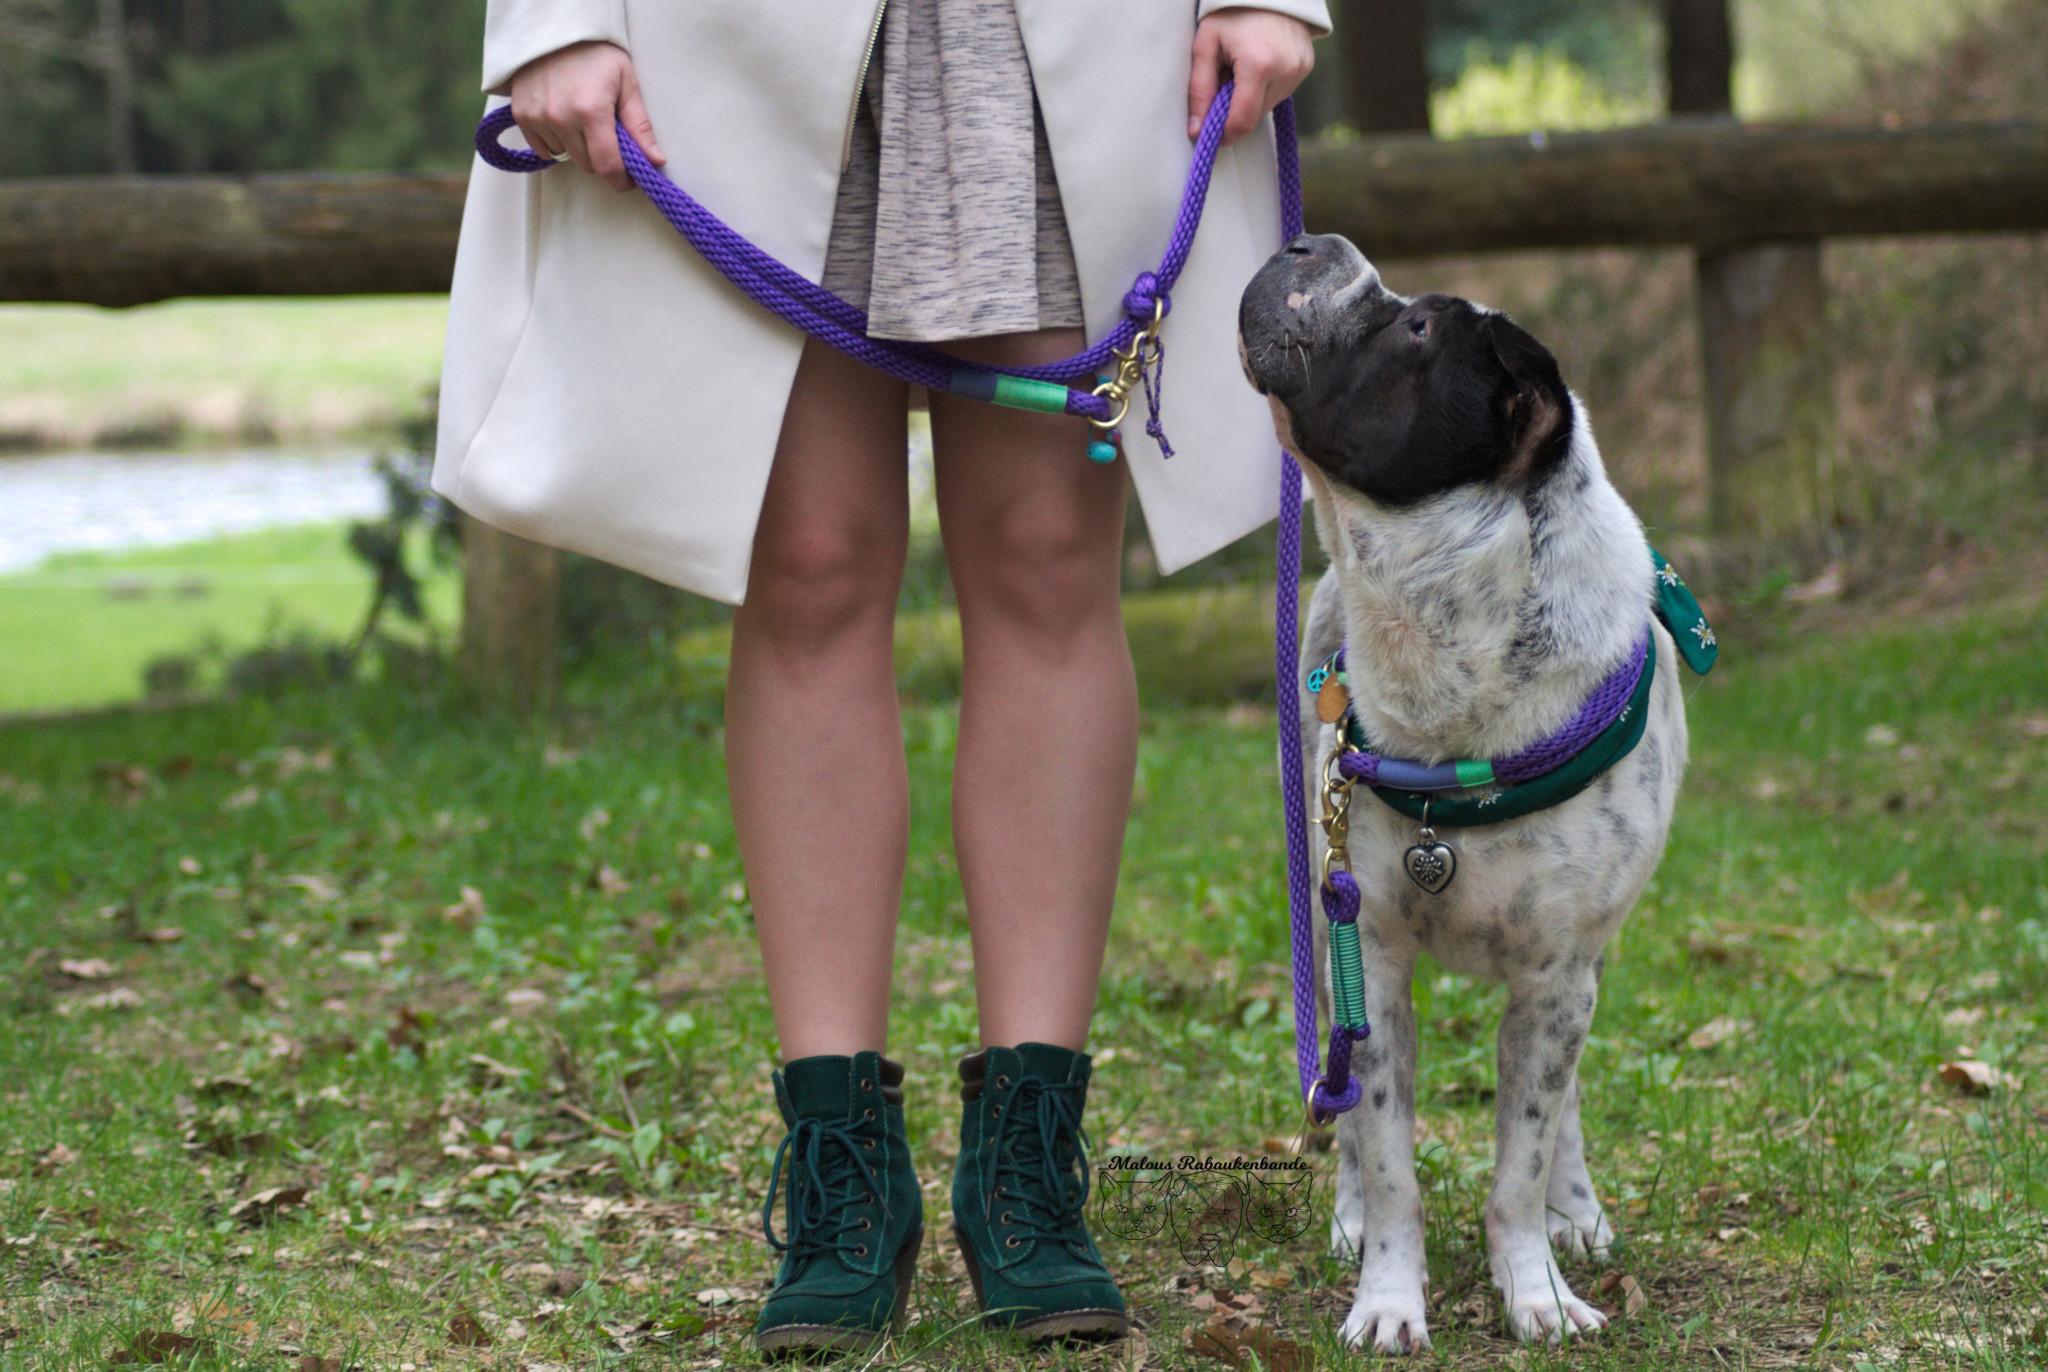 Test Blog Hundeblog Hund Shar Pei D.Dogs 740 Leine Halsband Werbung kostenlos Empfehlung Meinung Fazit